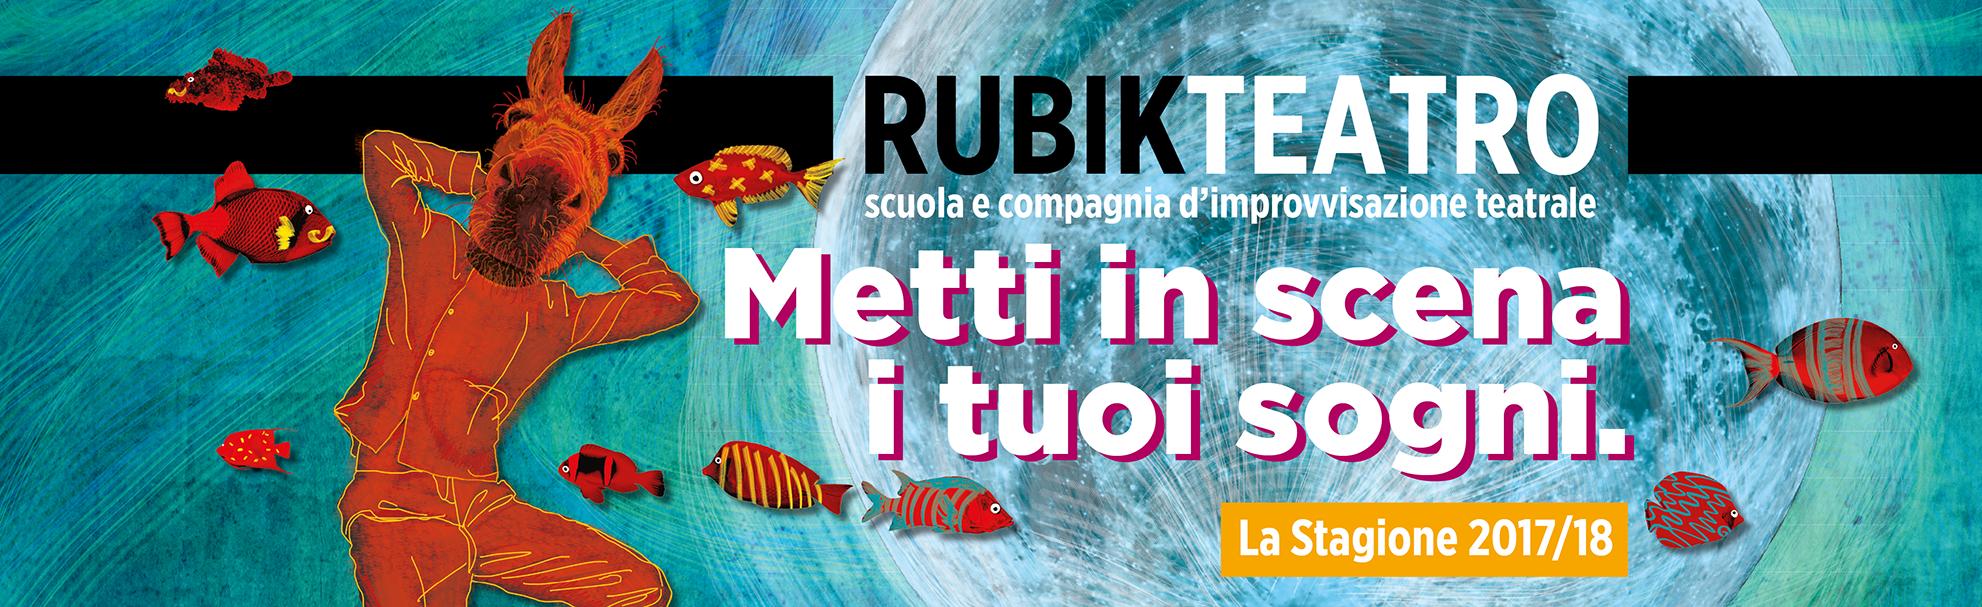 rubikteatro_testasito_stagione17-18